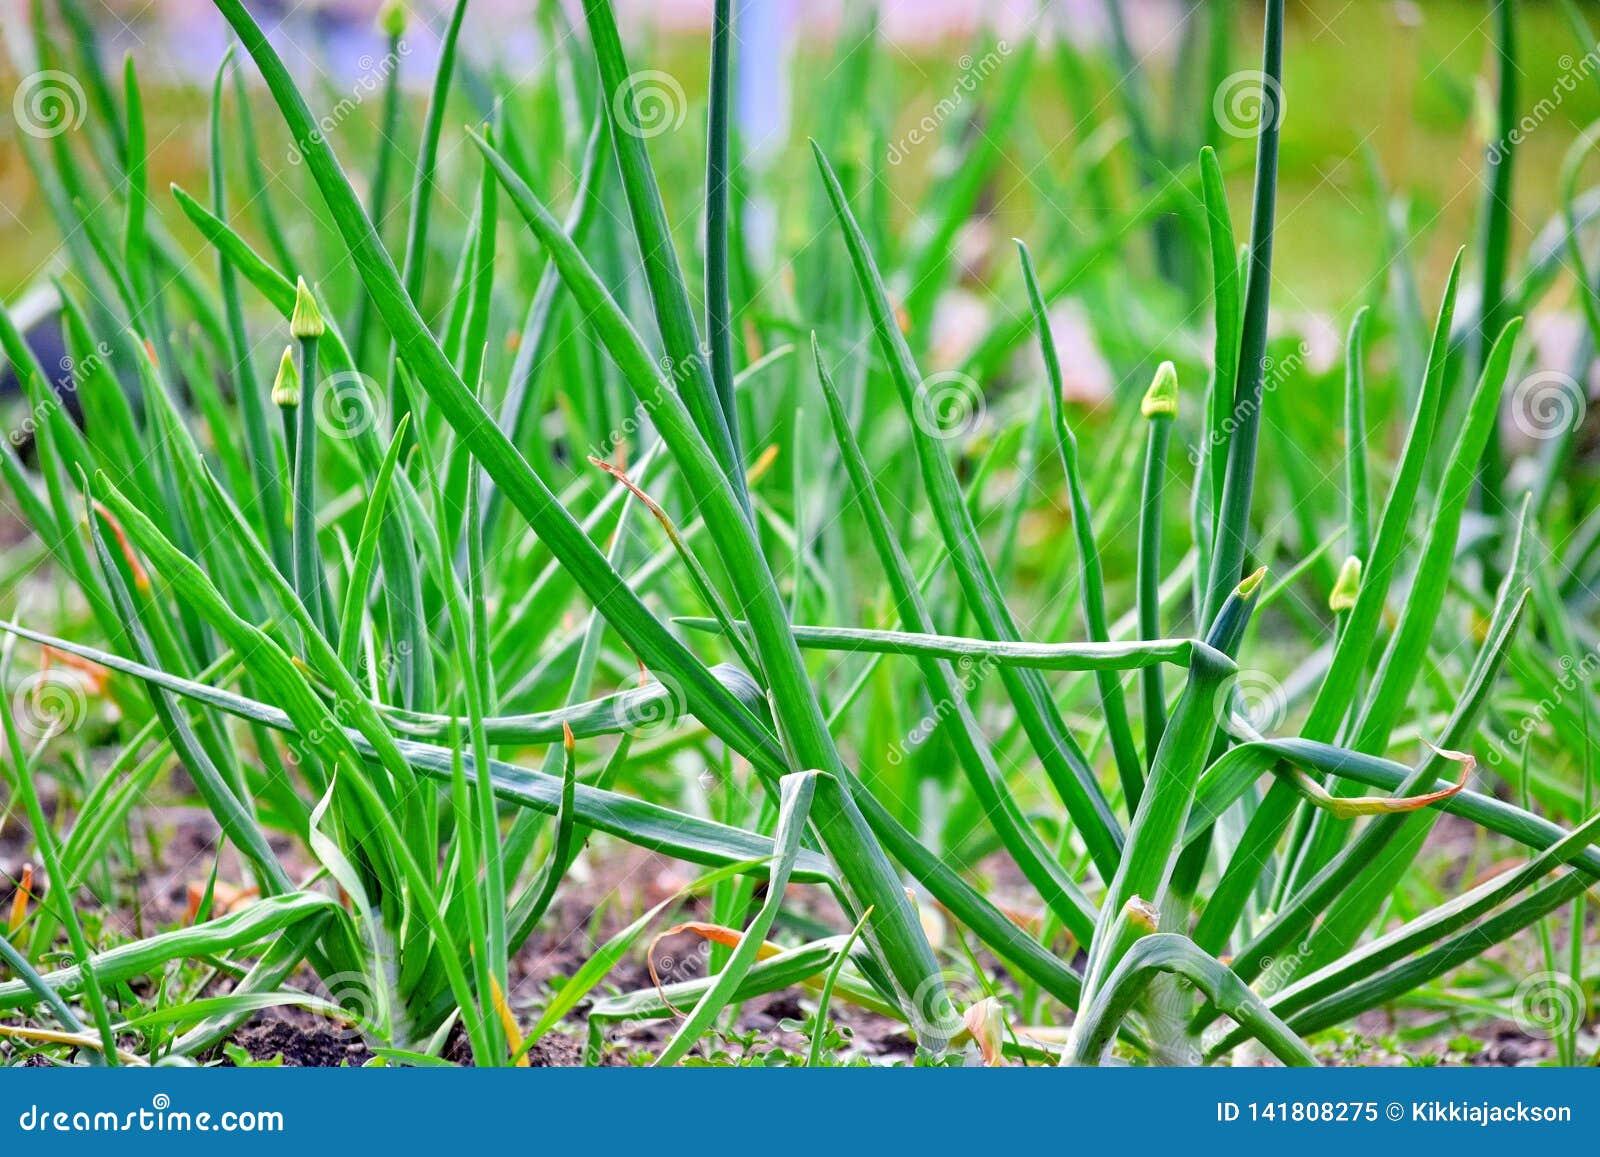 Зеленые луки скачут домашнее засаживая садовничая био фото запаса овощей